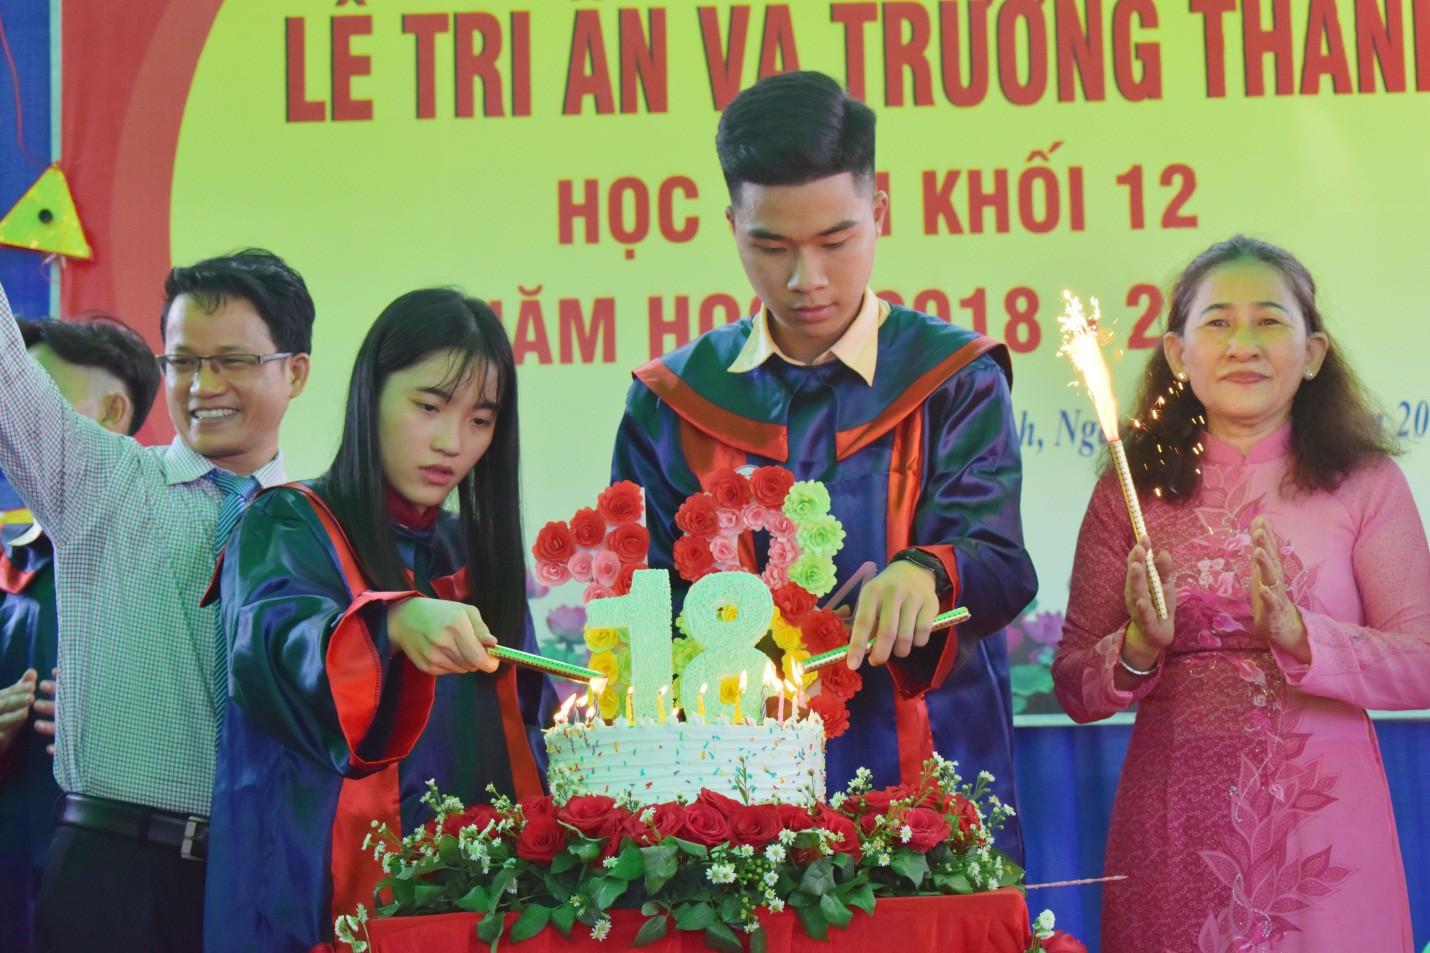 Nước mắt xen lẫn niềm vui trong lễ tri ân và trưởng thành của teen Mỹ Việt - Ảnh 9.